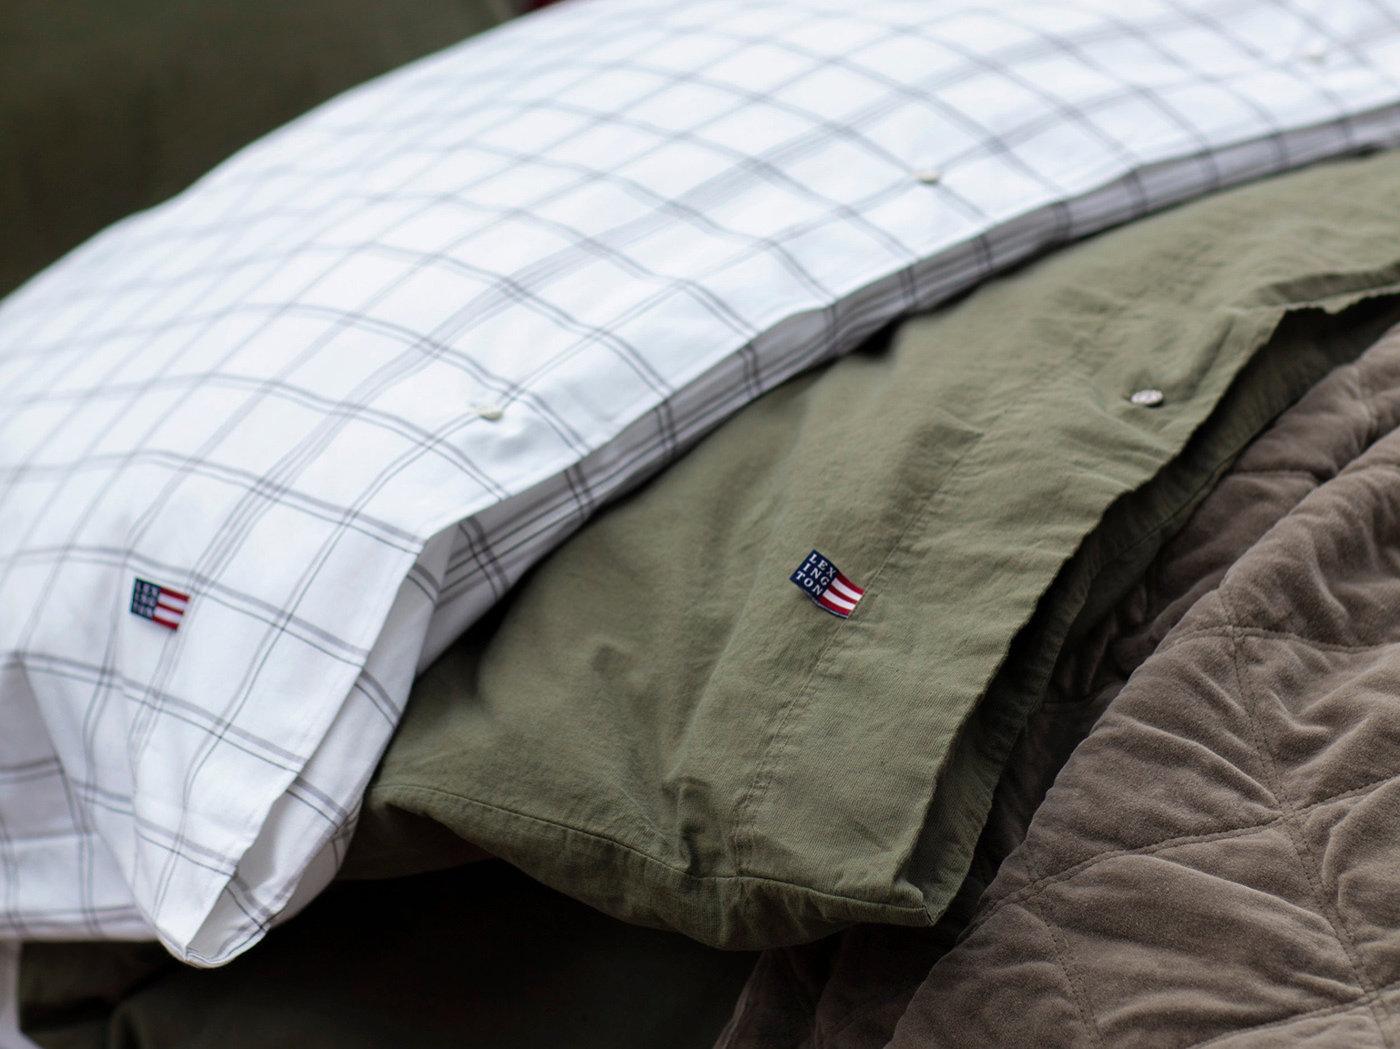 Stonewashed Baumwoll Leinen Bettwäsche Set Lexington Washed Cotton